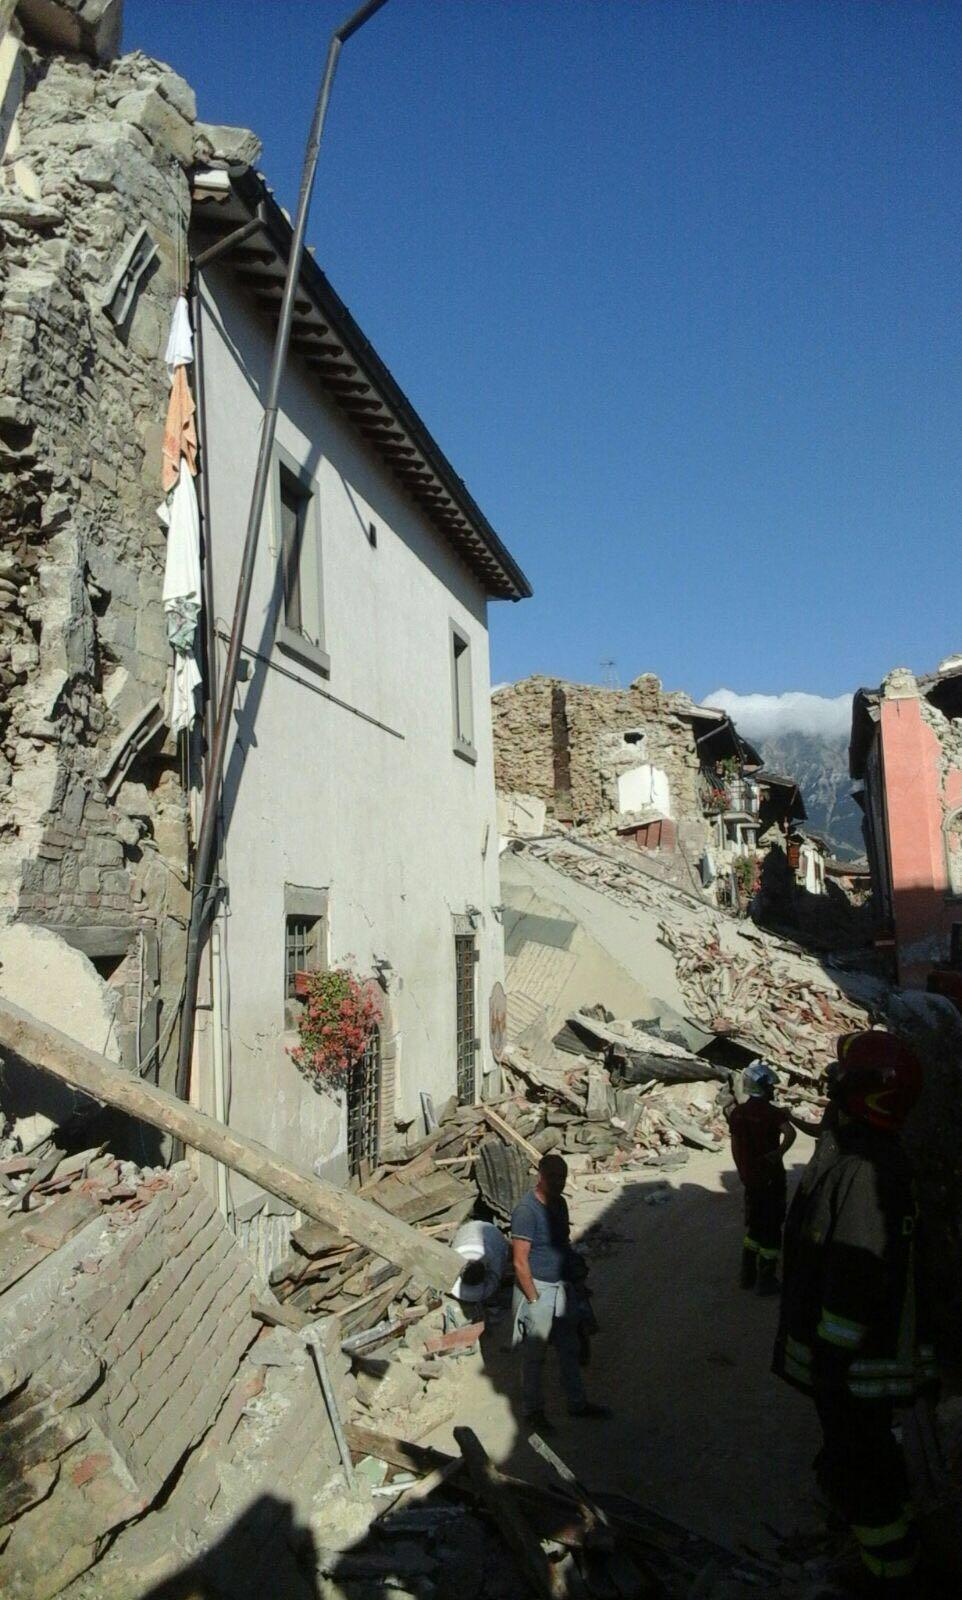 Incubo terremoto: la mappa dei comuni a rischio